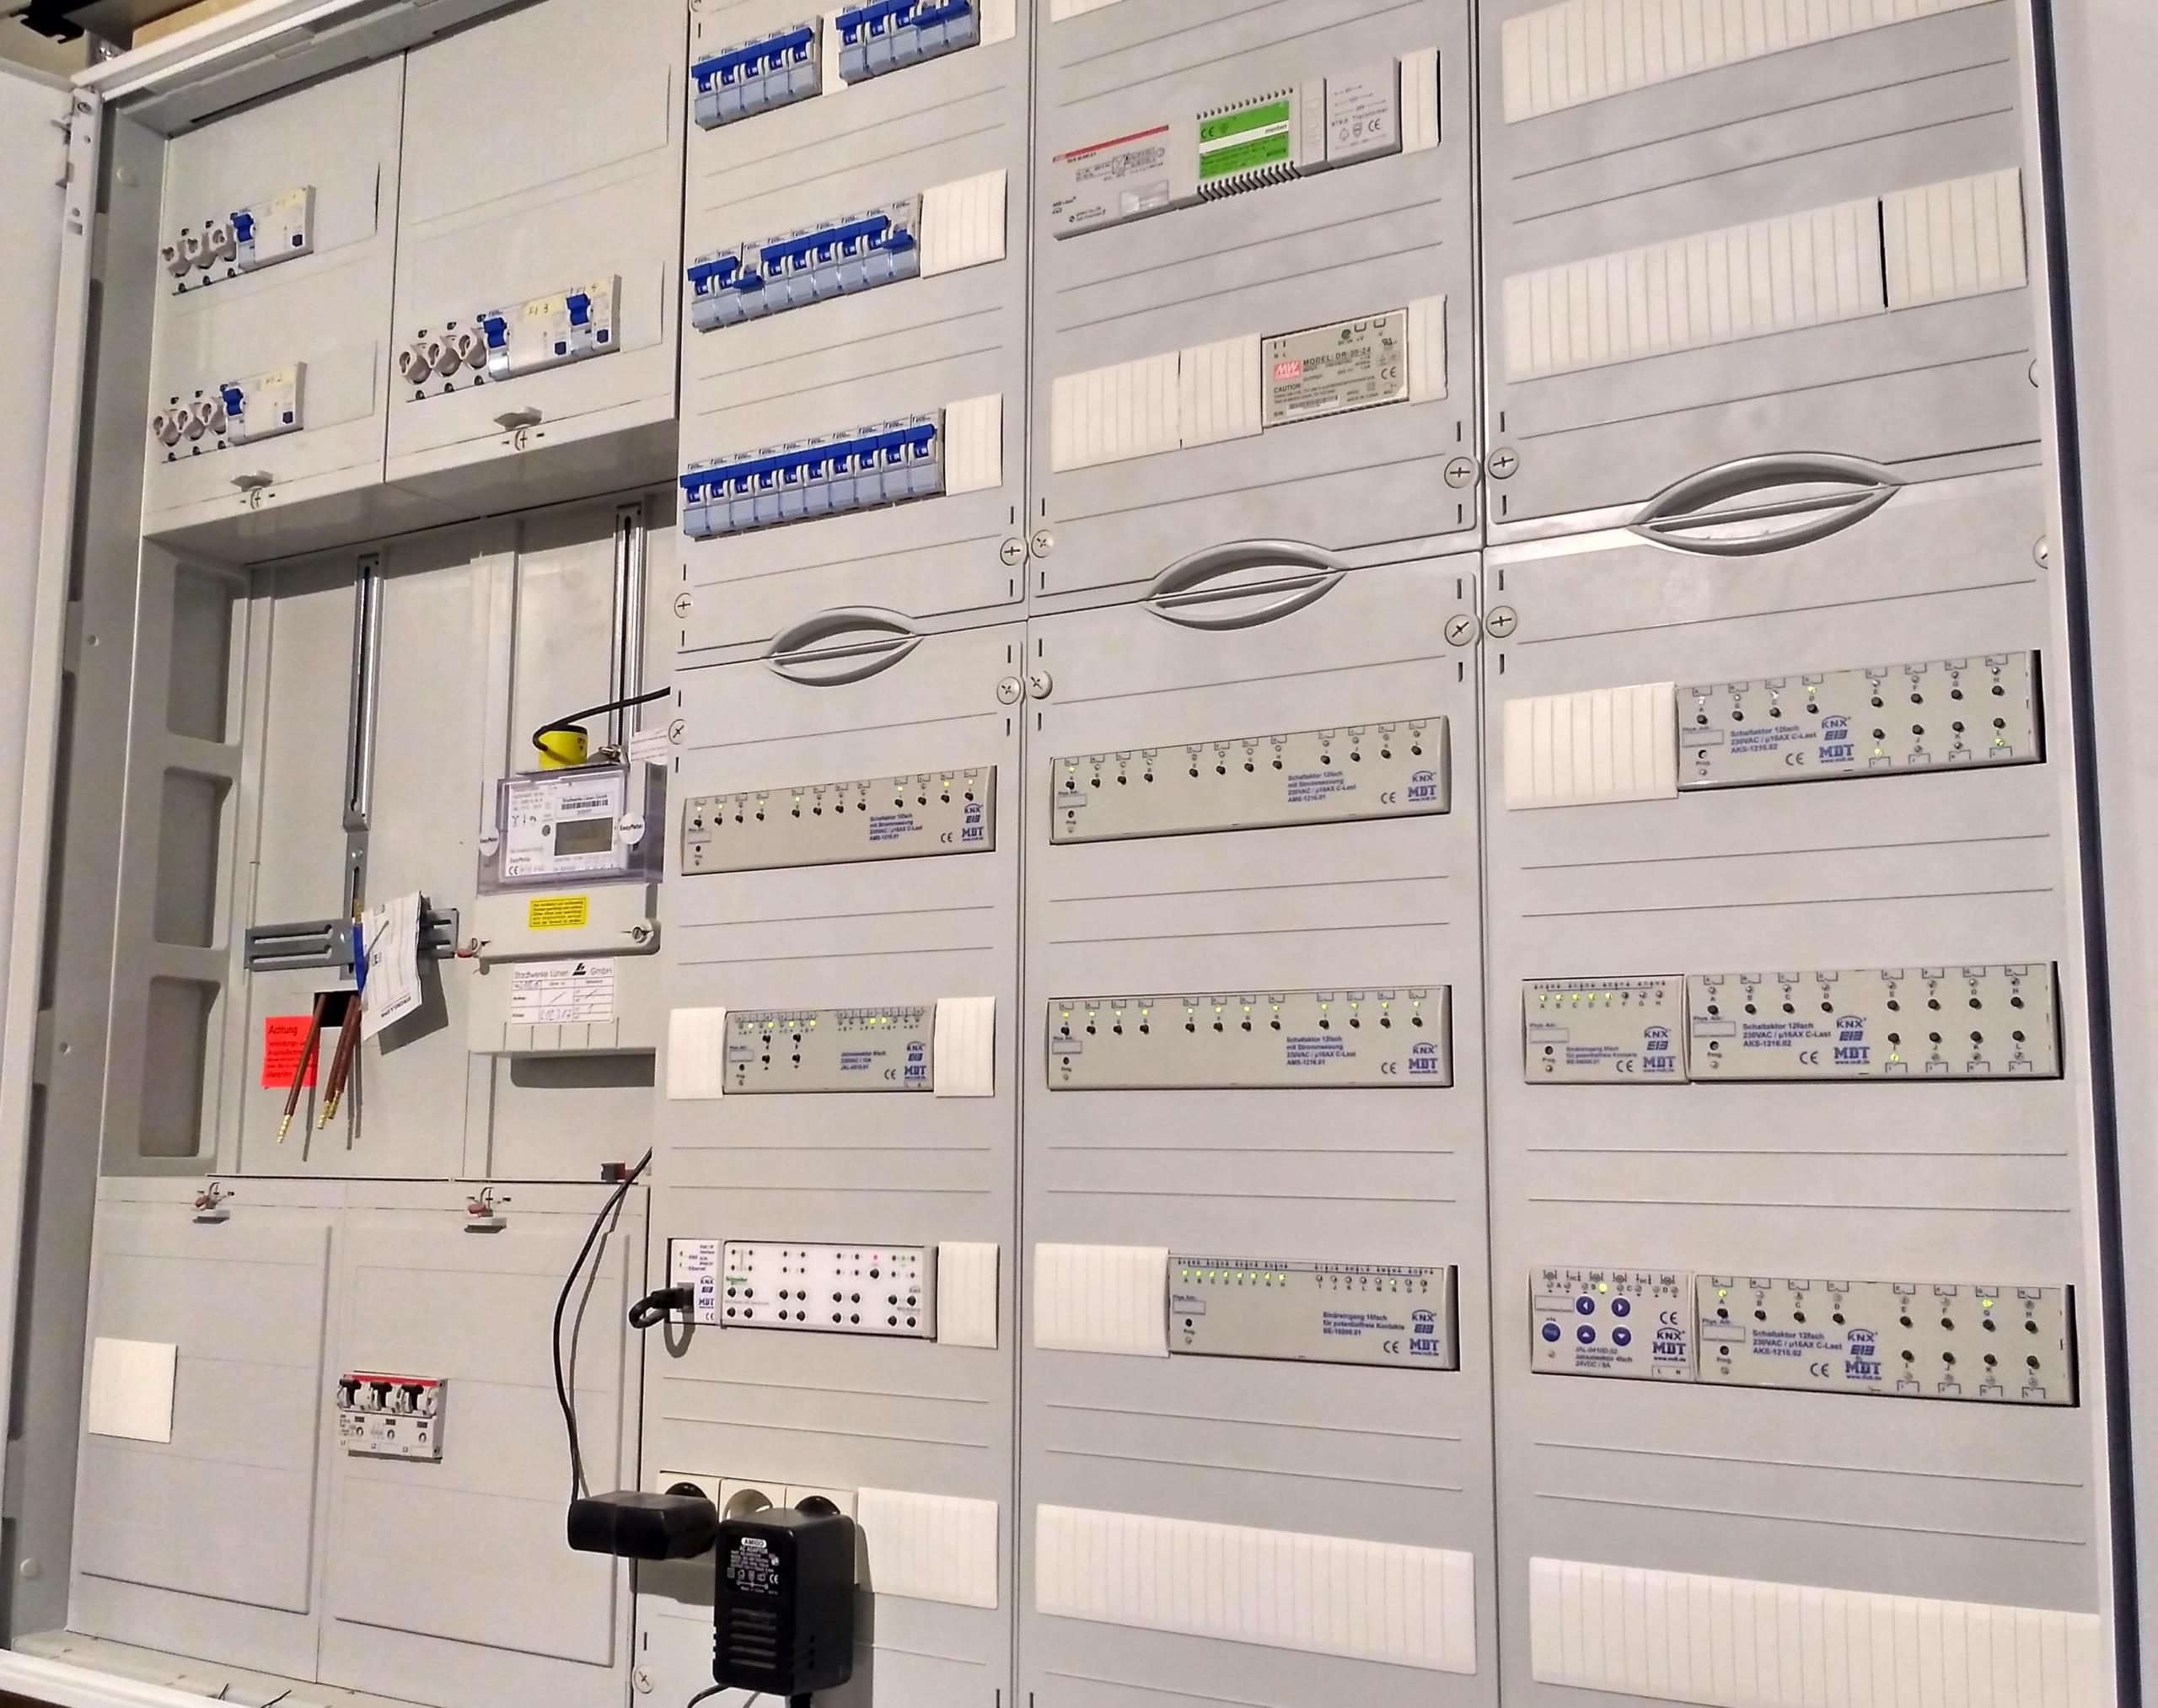 Ein KNX Schaltschrank mit Automaten